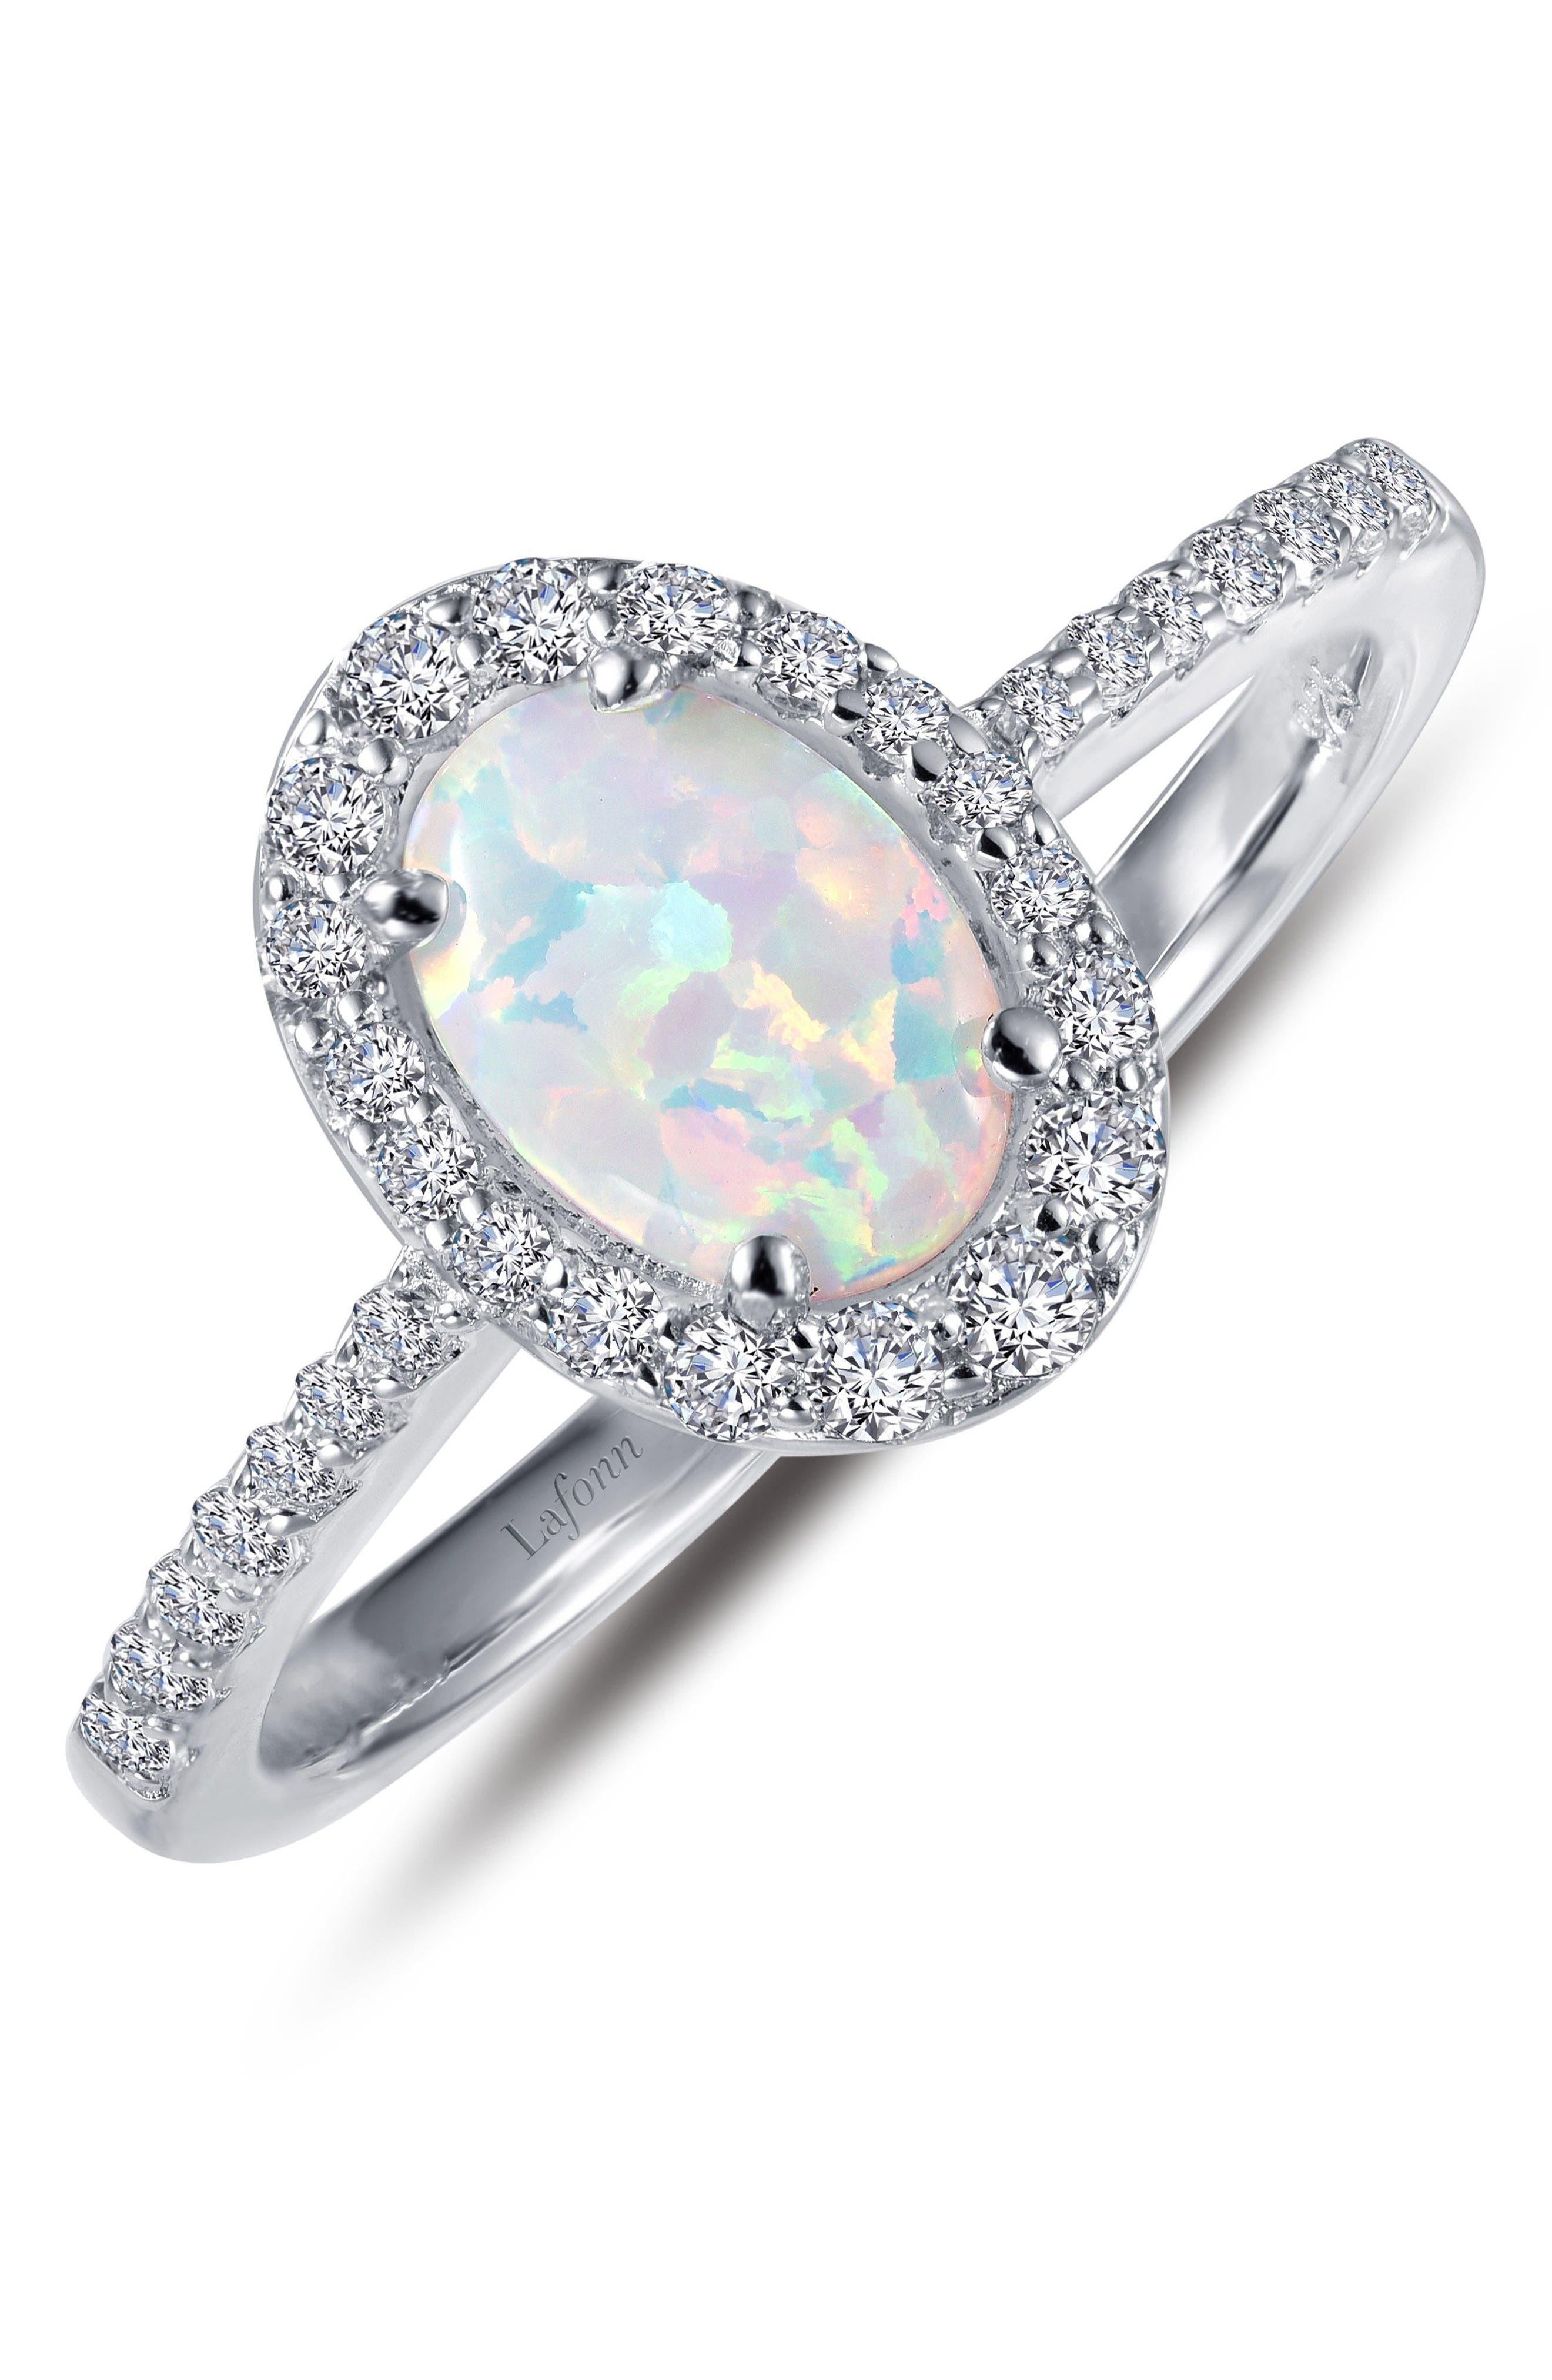 Main Image - Lafonn Simulated Diamond & Opal Ring